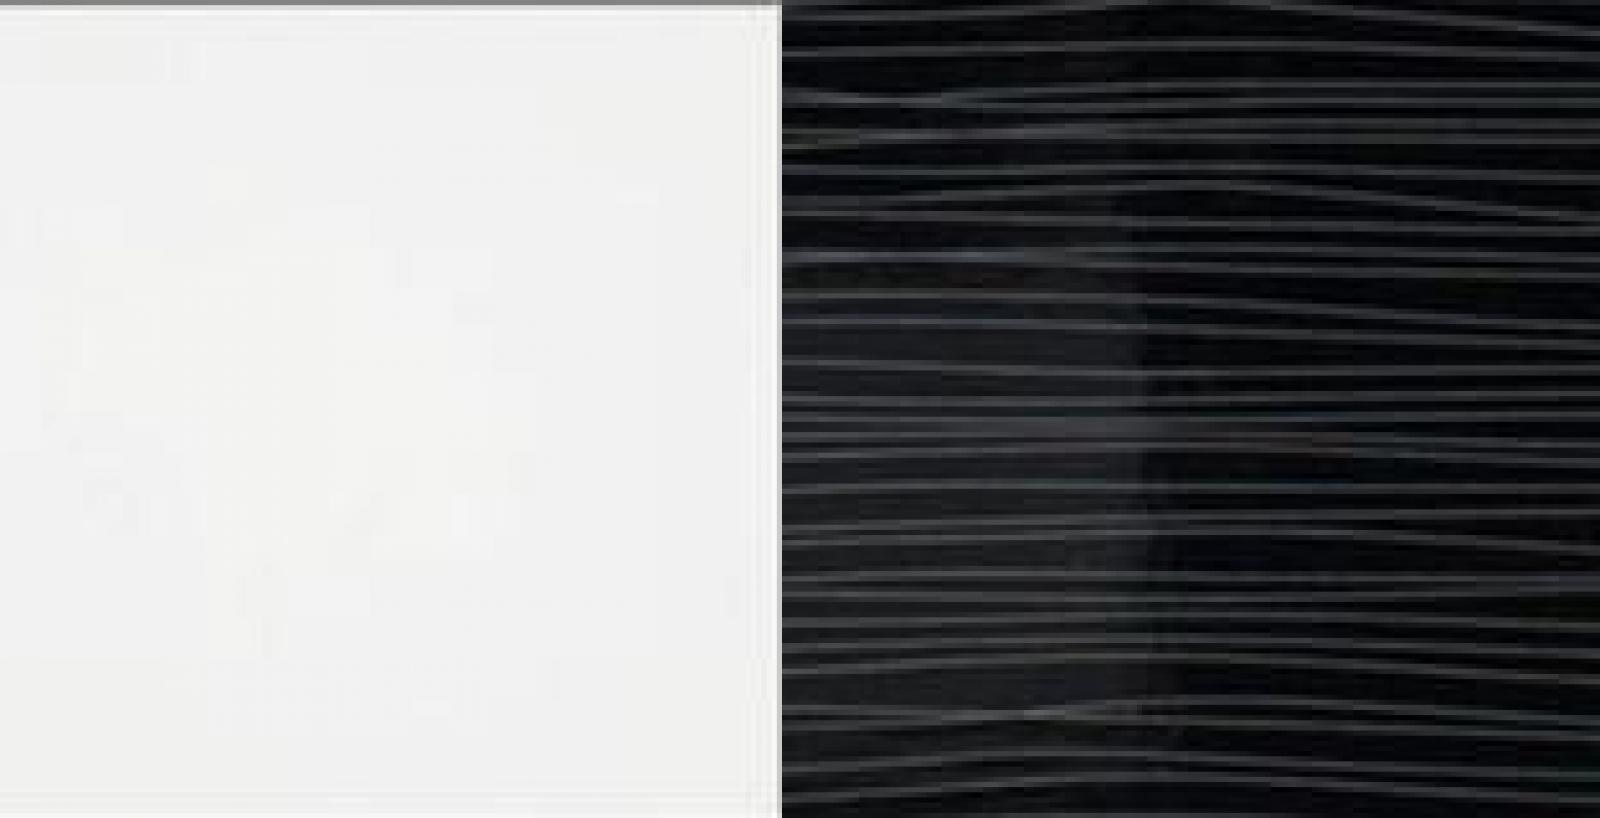 Kleiderschrank spiegel modern  KAUFEXPERT - Schwebetürenschrank 244 cm Strip Schwarz ...